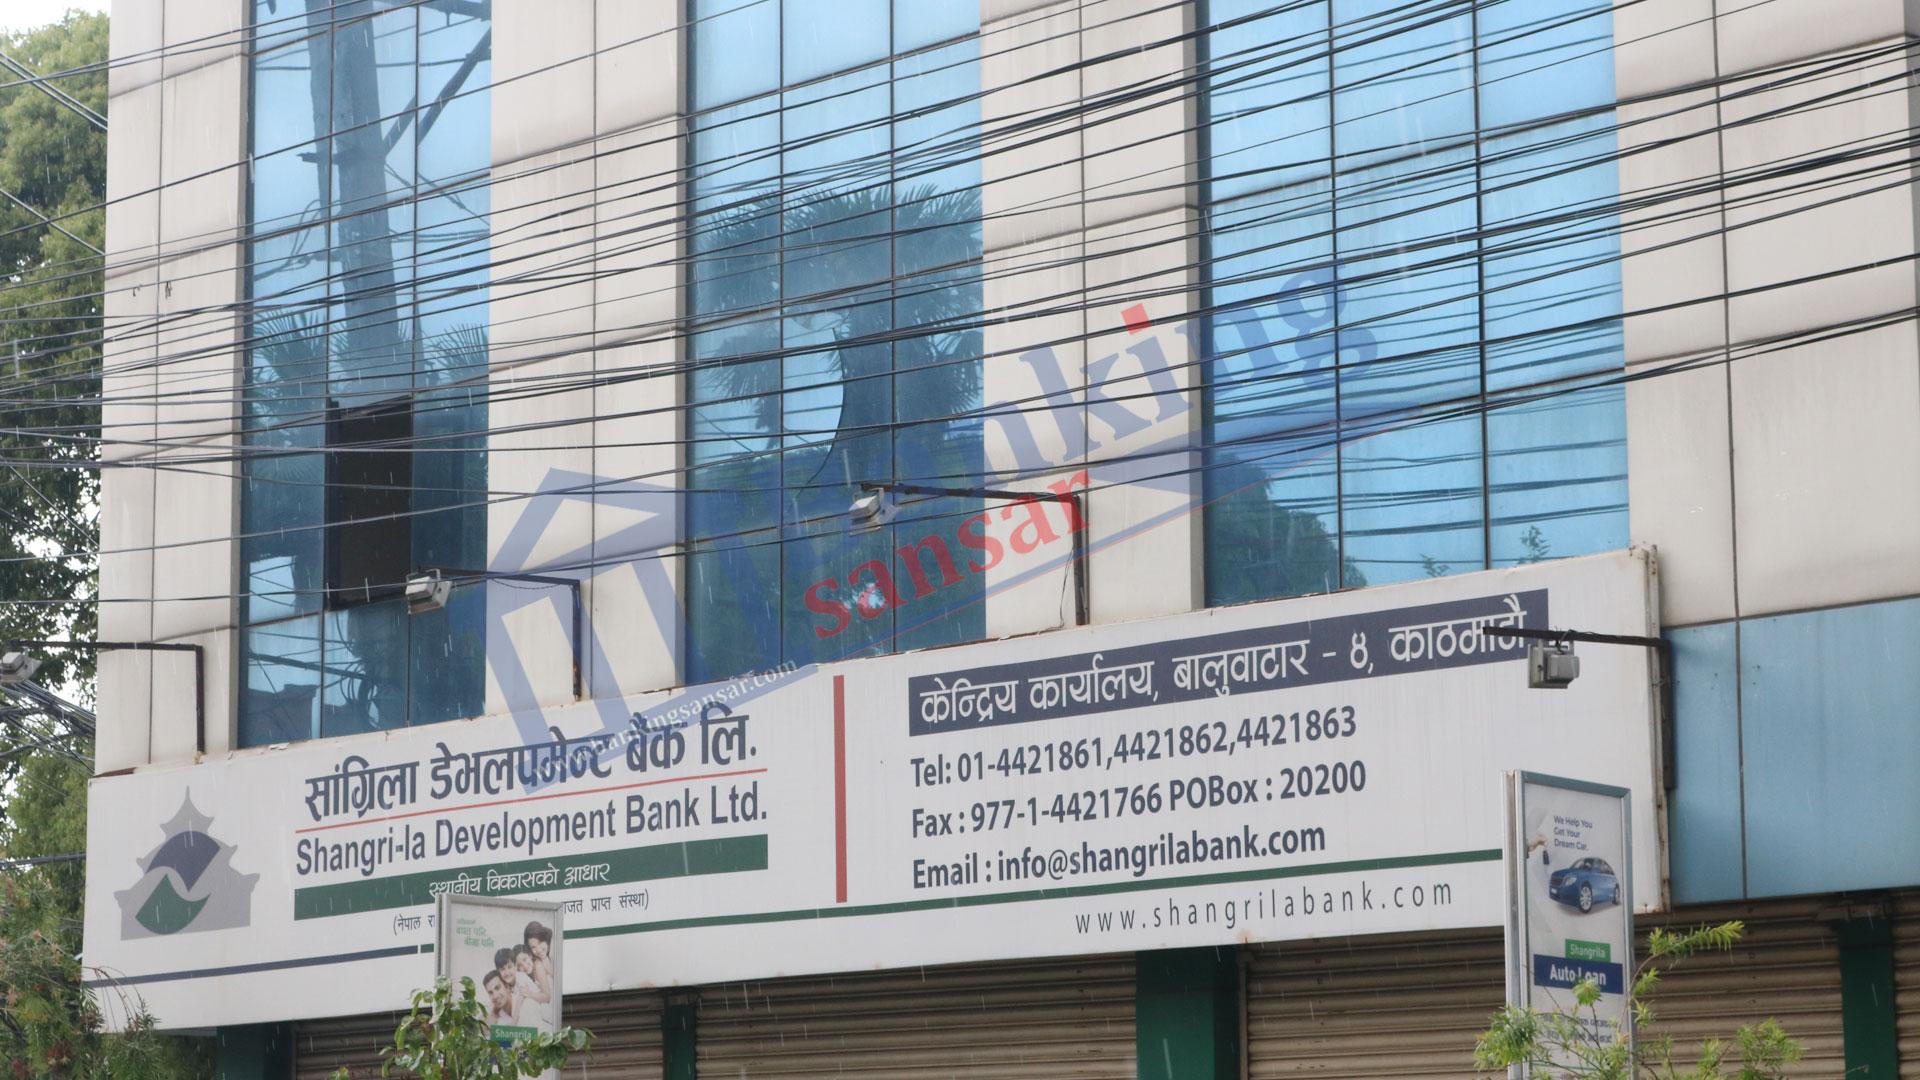 Shangrai-La Development Bank